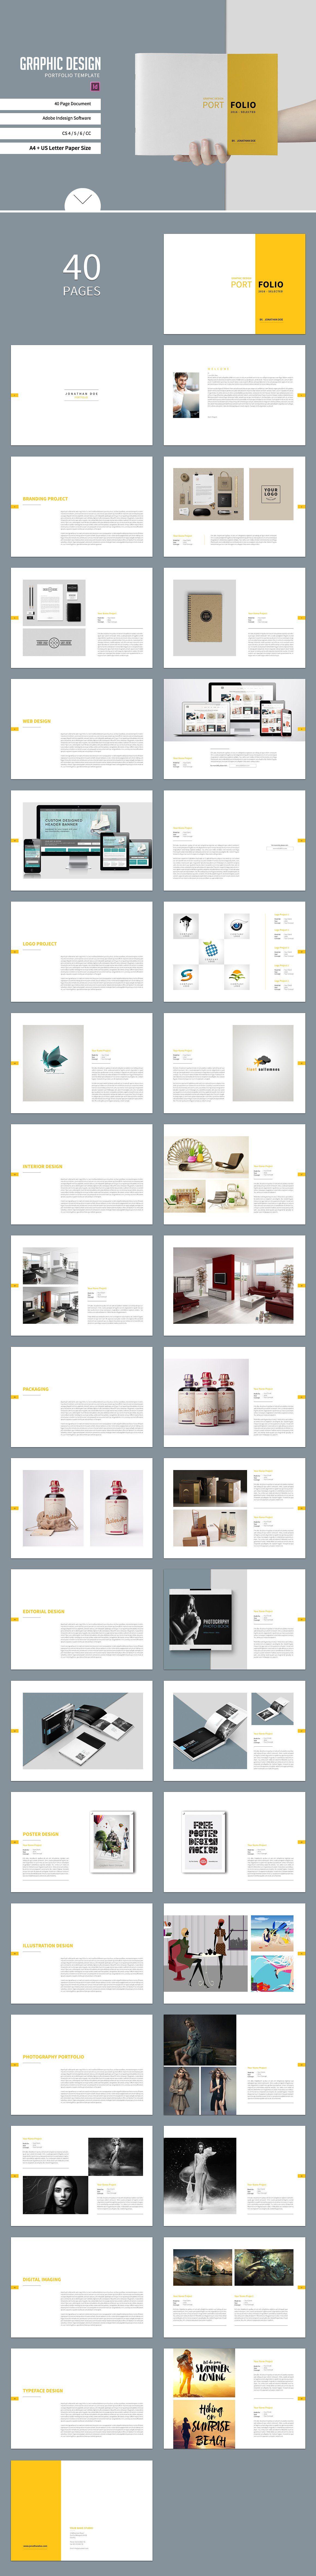 Graphic Designer Pdf Portfolio Ideas - valoblogi com